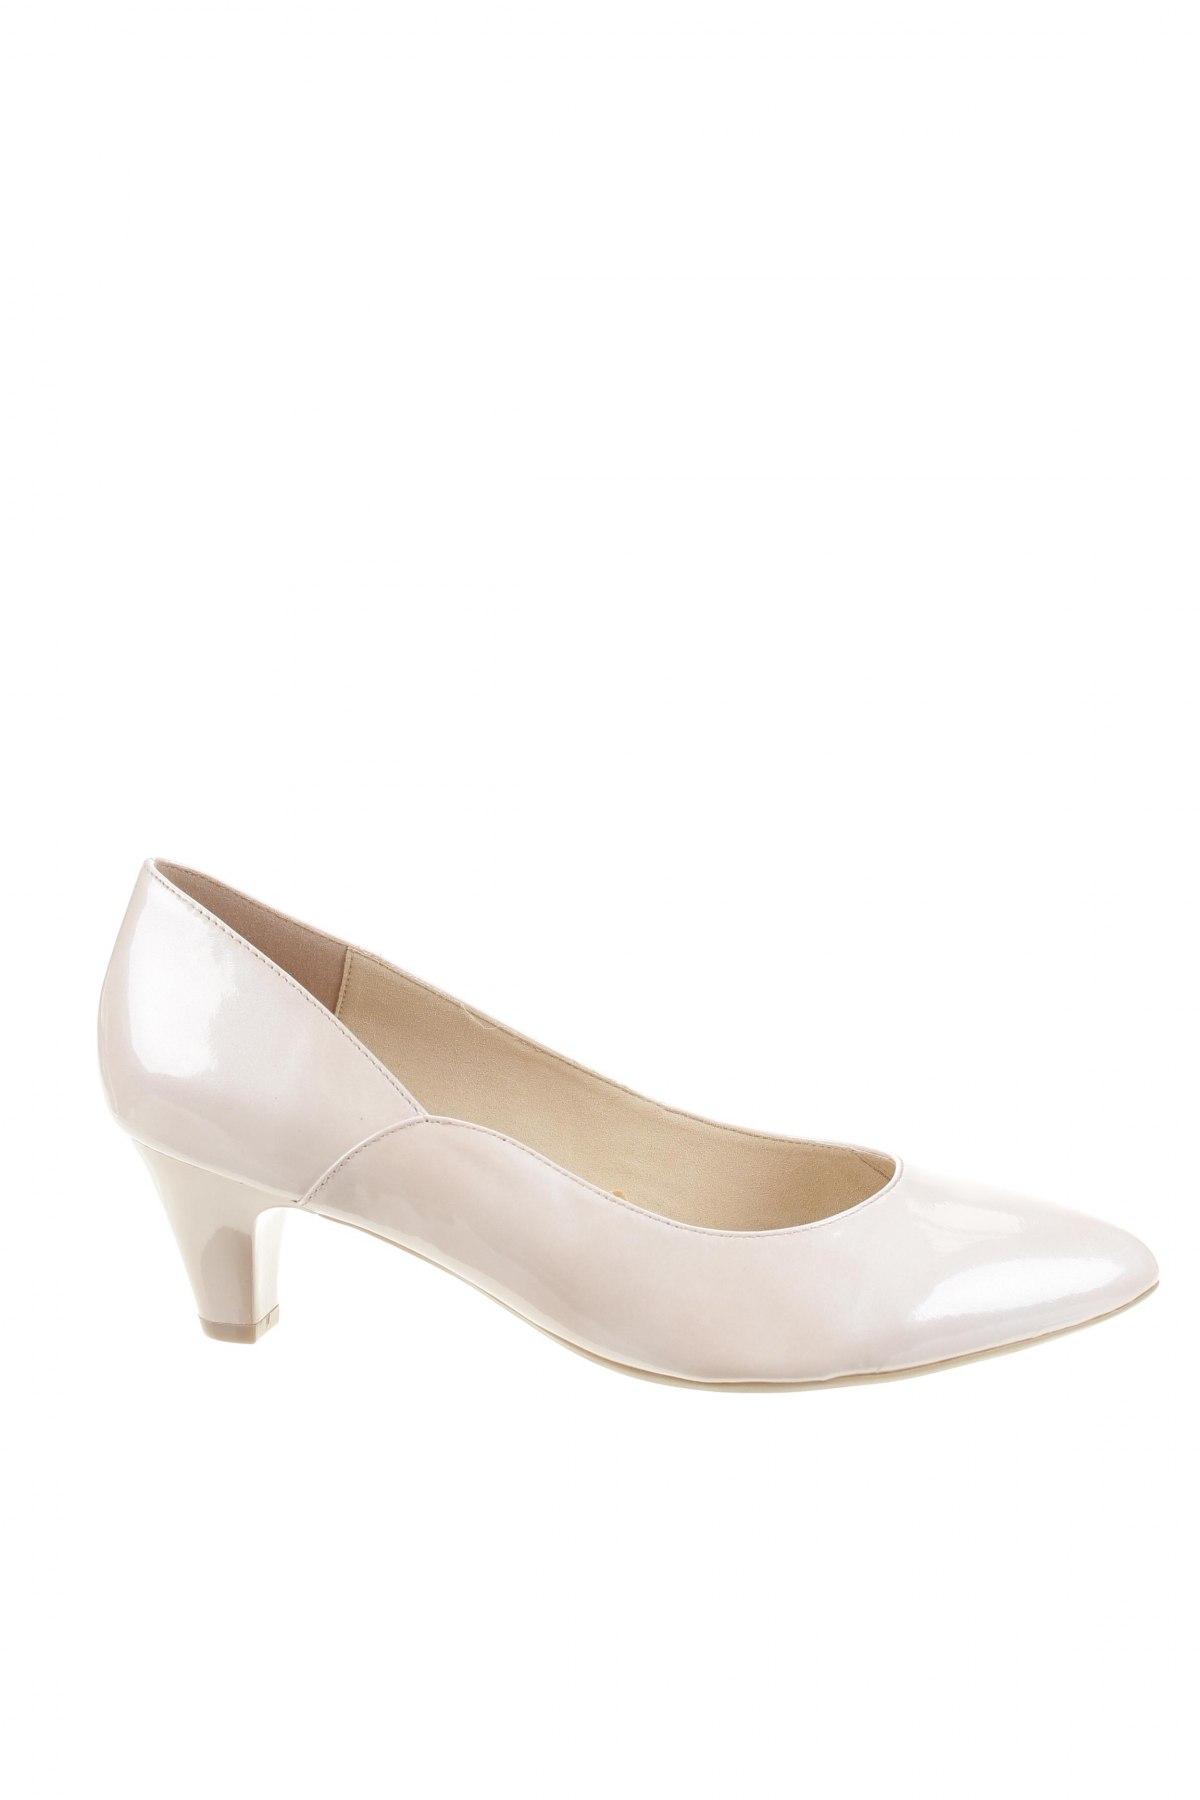 Női cipők Caprice - kedvező áron Remixben -  102004313 5d5675a6fa